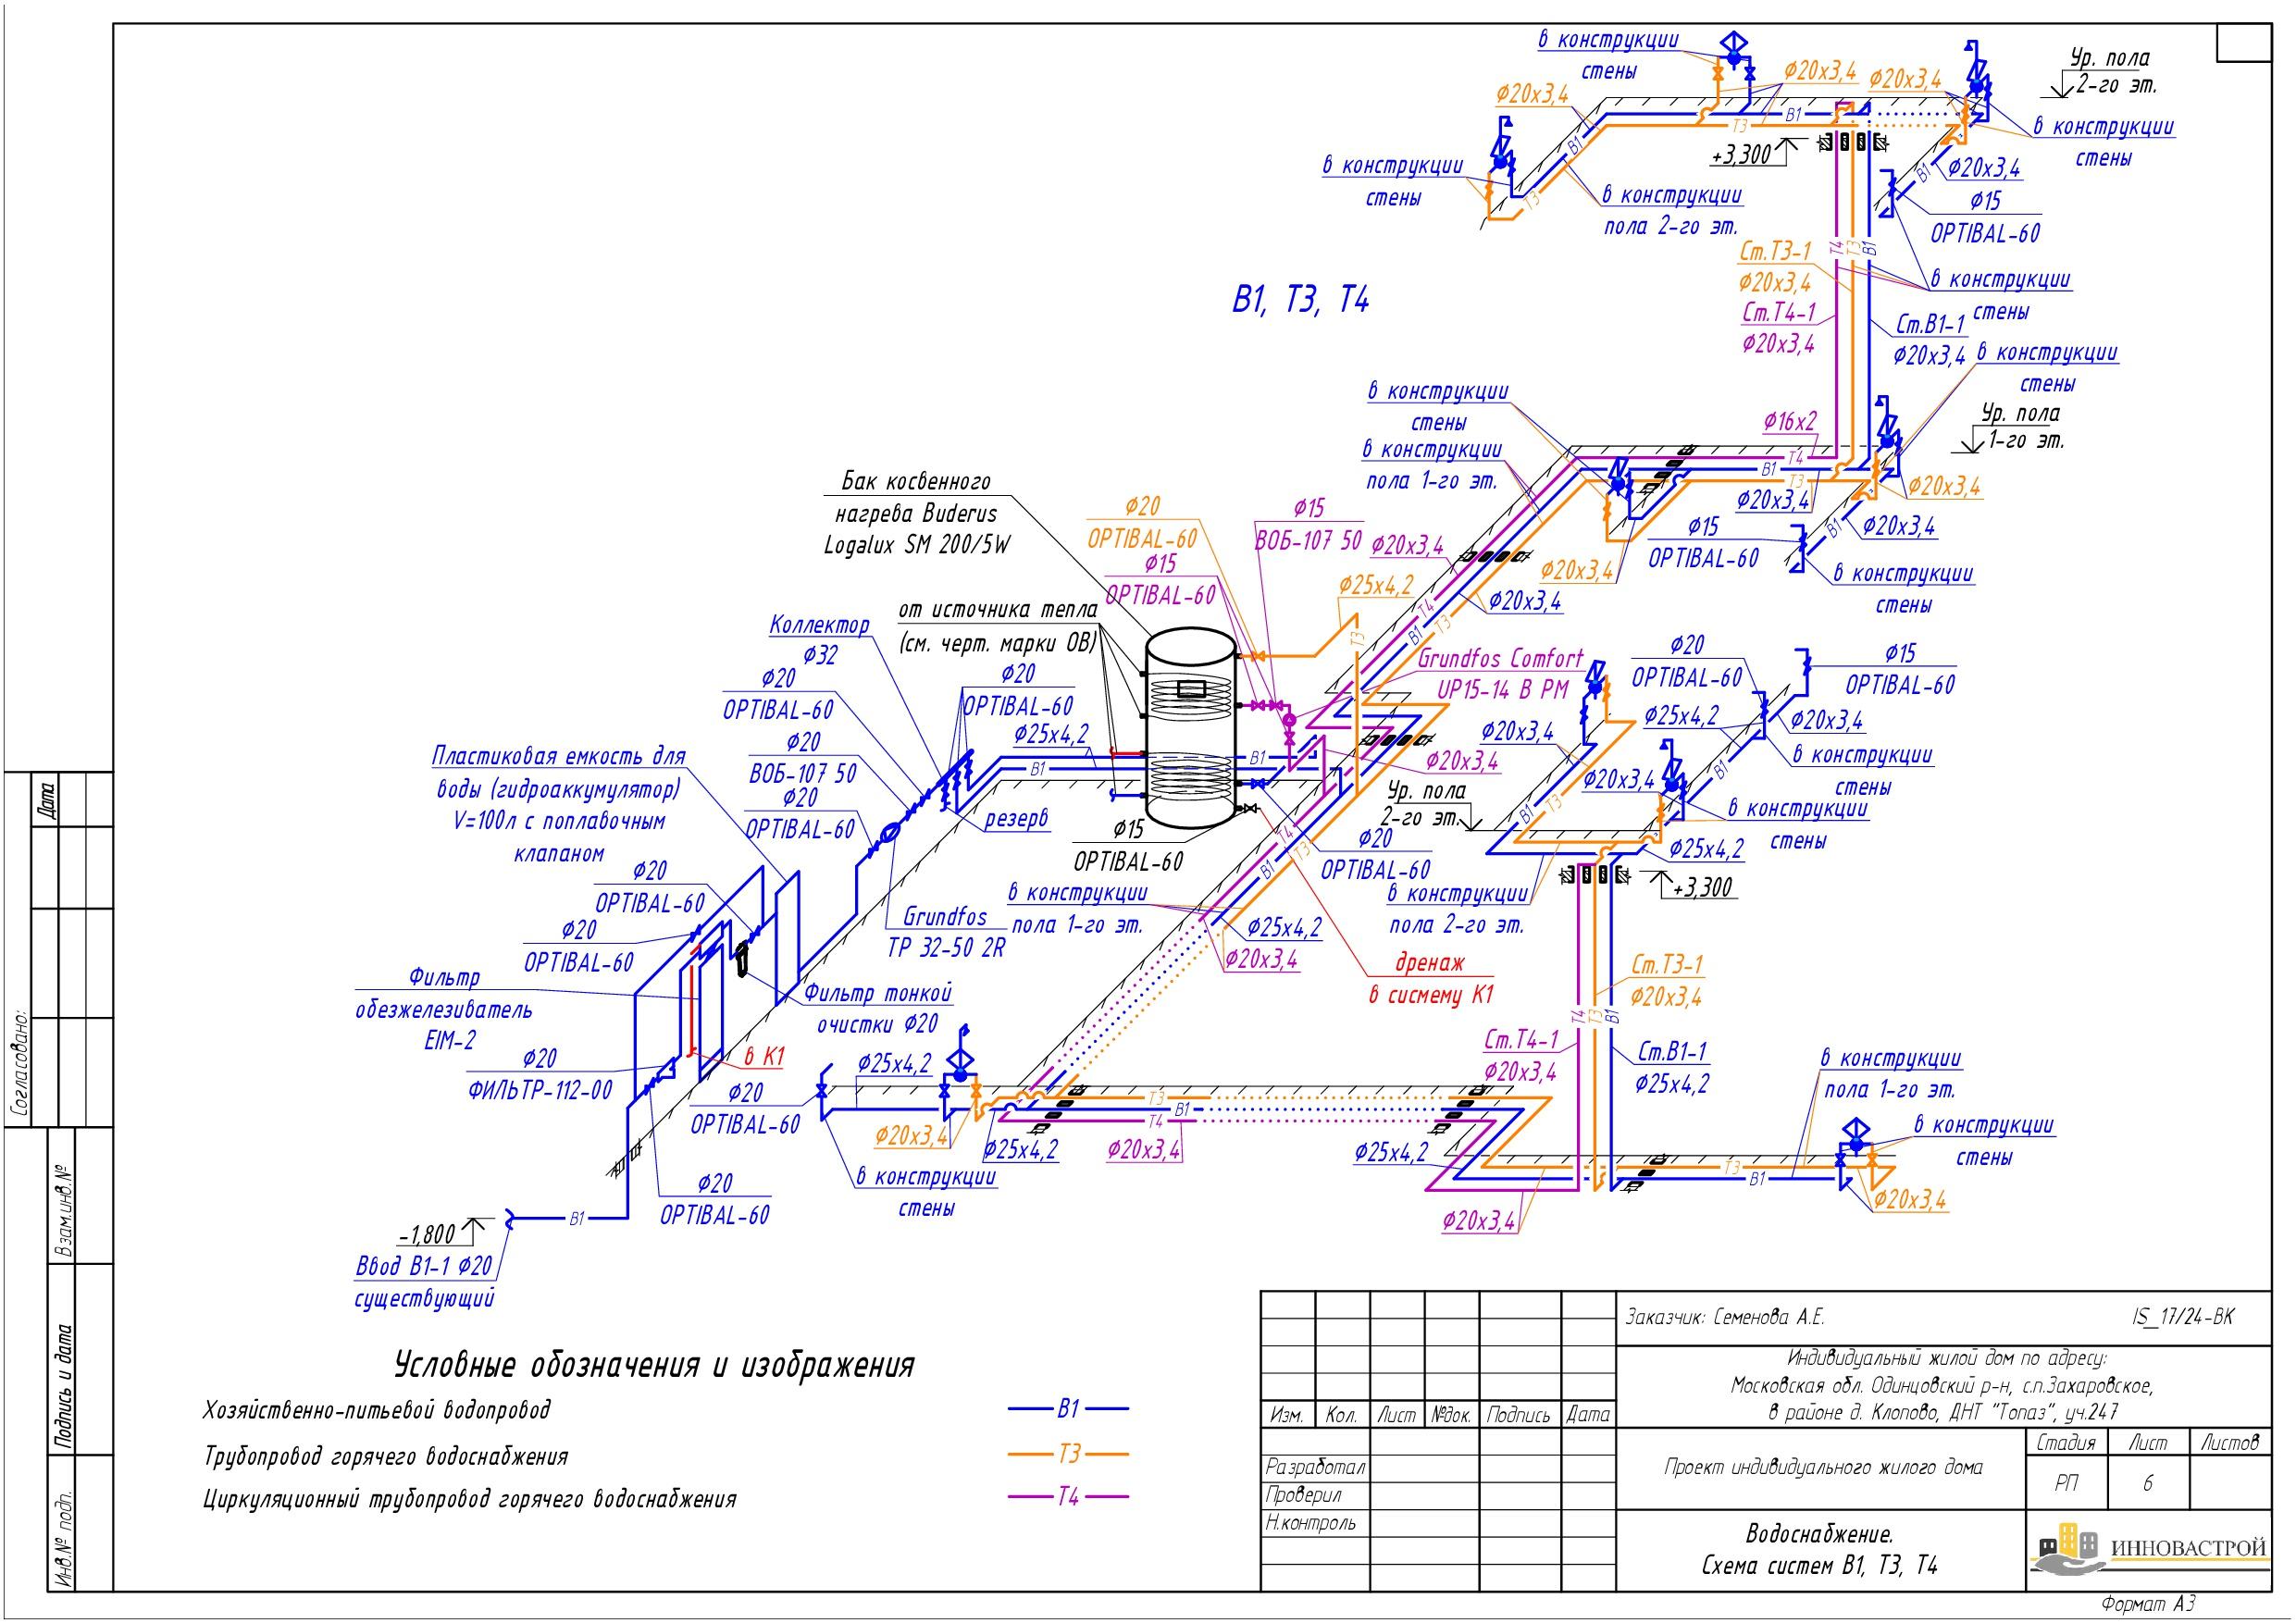 Фото Проектирую инженерные системы и сети с сопровождением в экспертизе и при строительстве 3